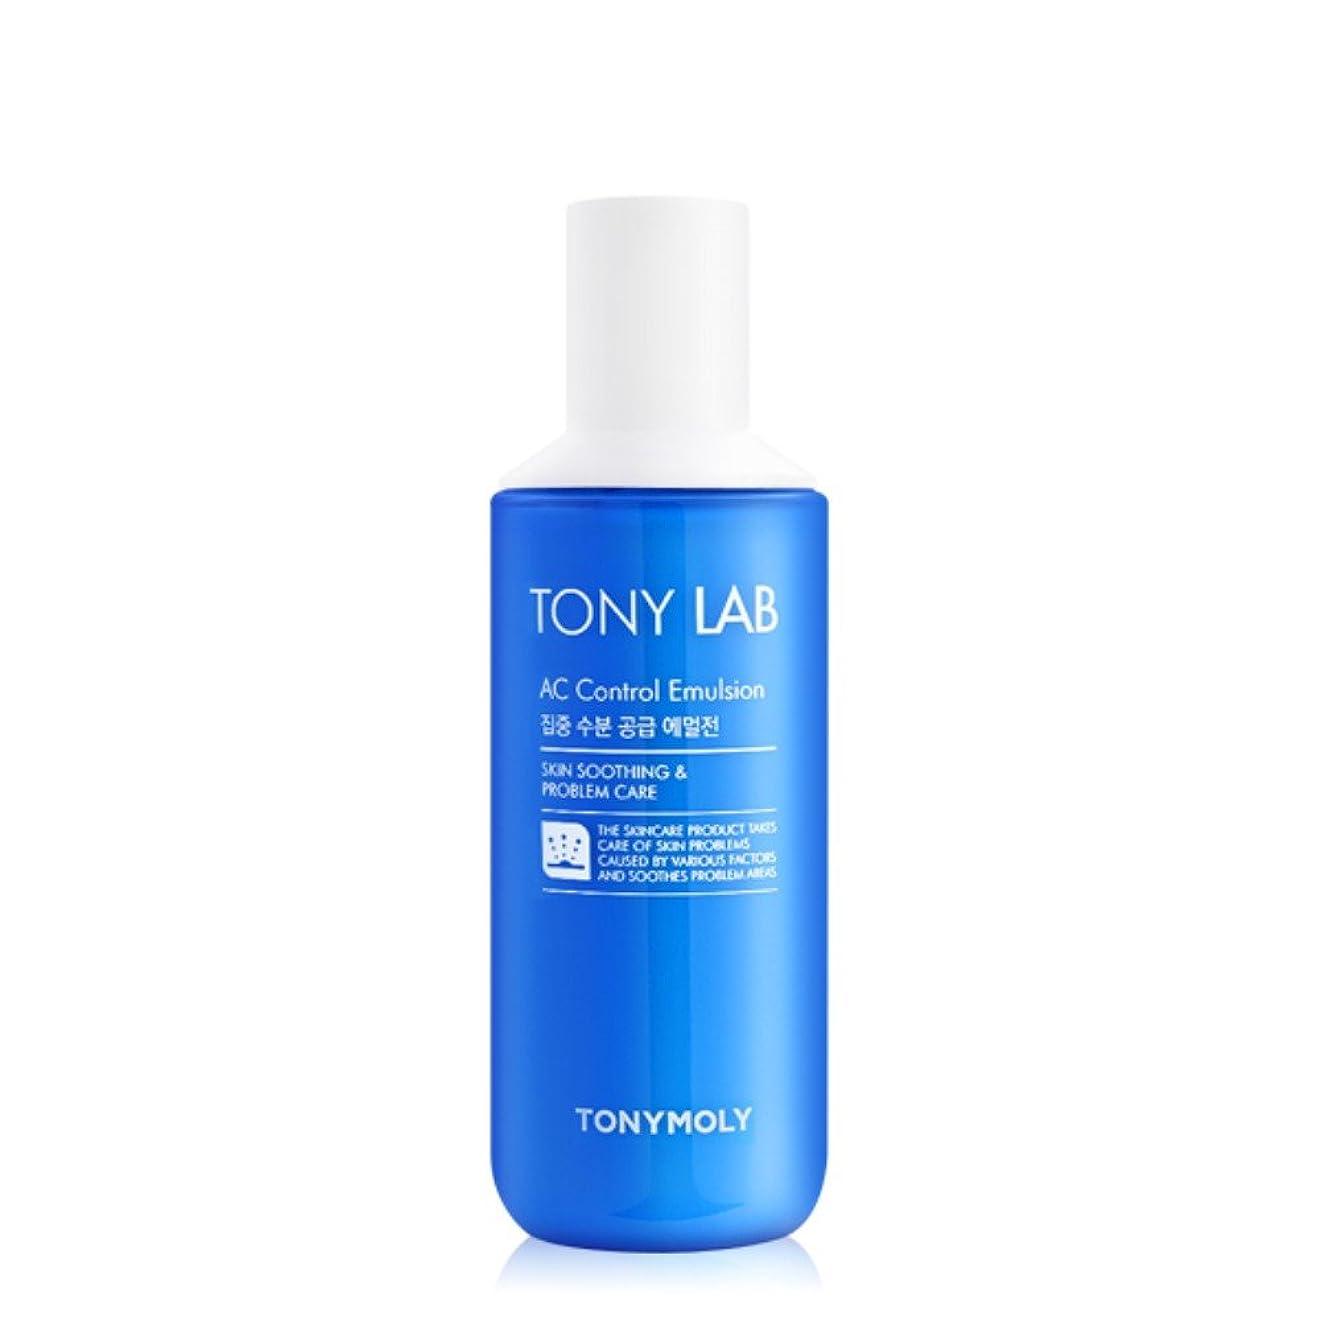 オペレーターテンポ禁止[2016 New] TONYMOLY Tony Lab AC Control Emulsion 160ml/トニーモリー トニー ラボ AC コントロール エマルジョン 160ml